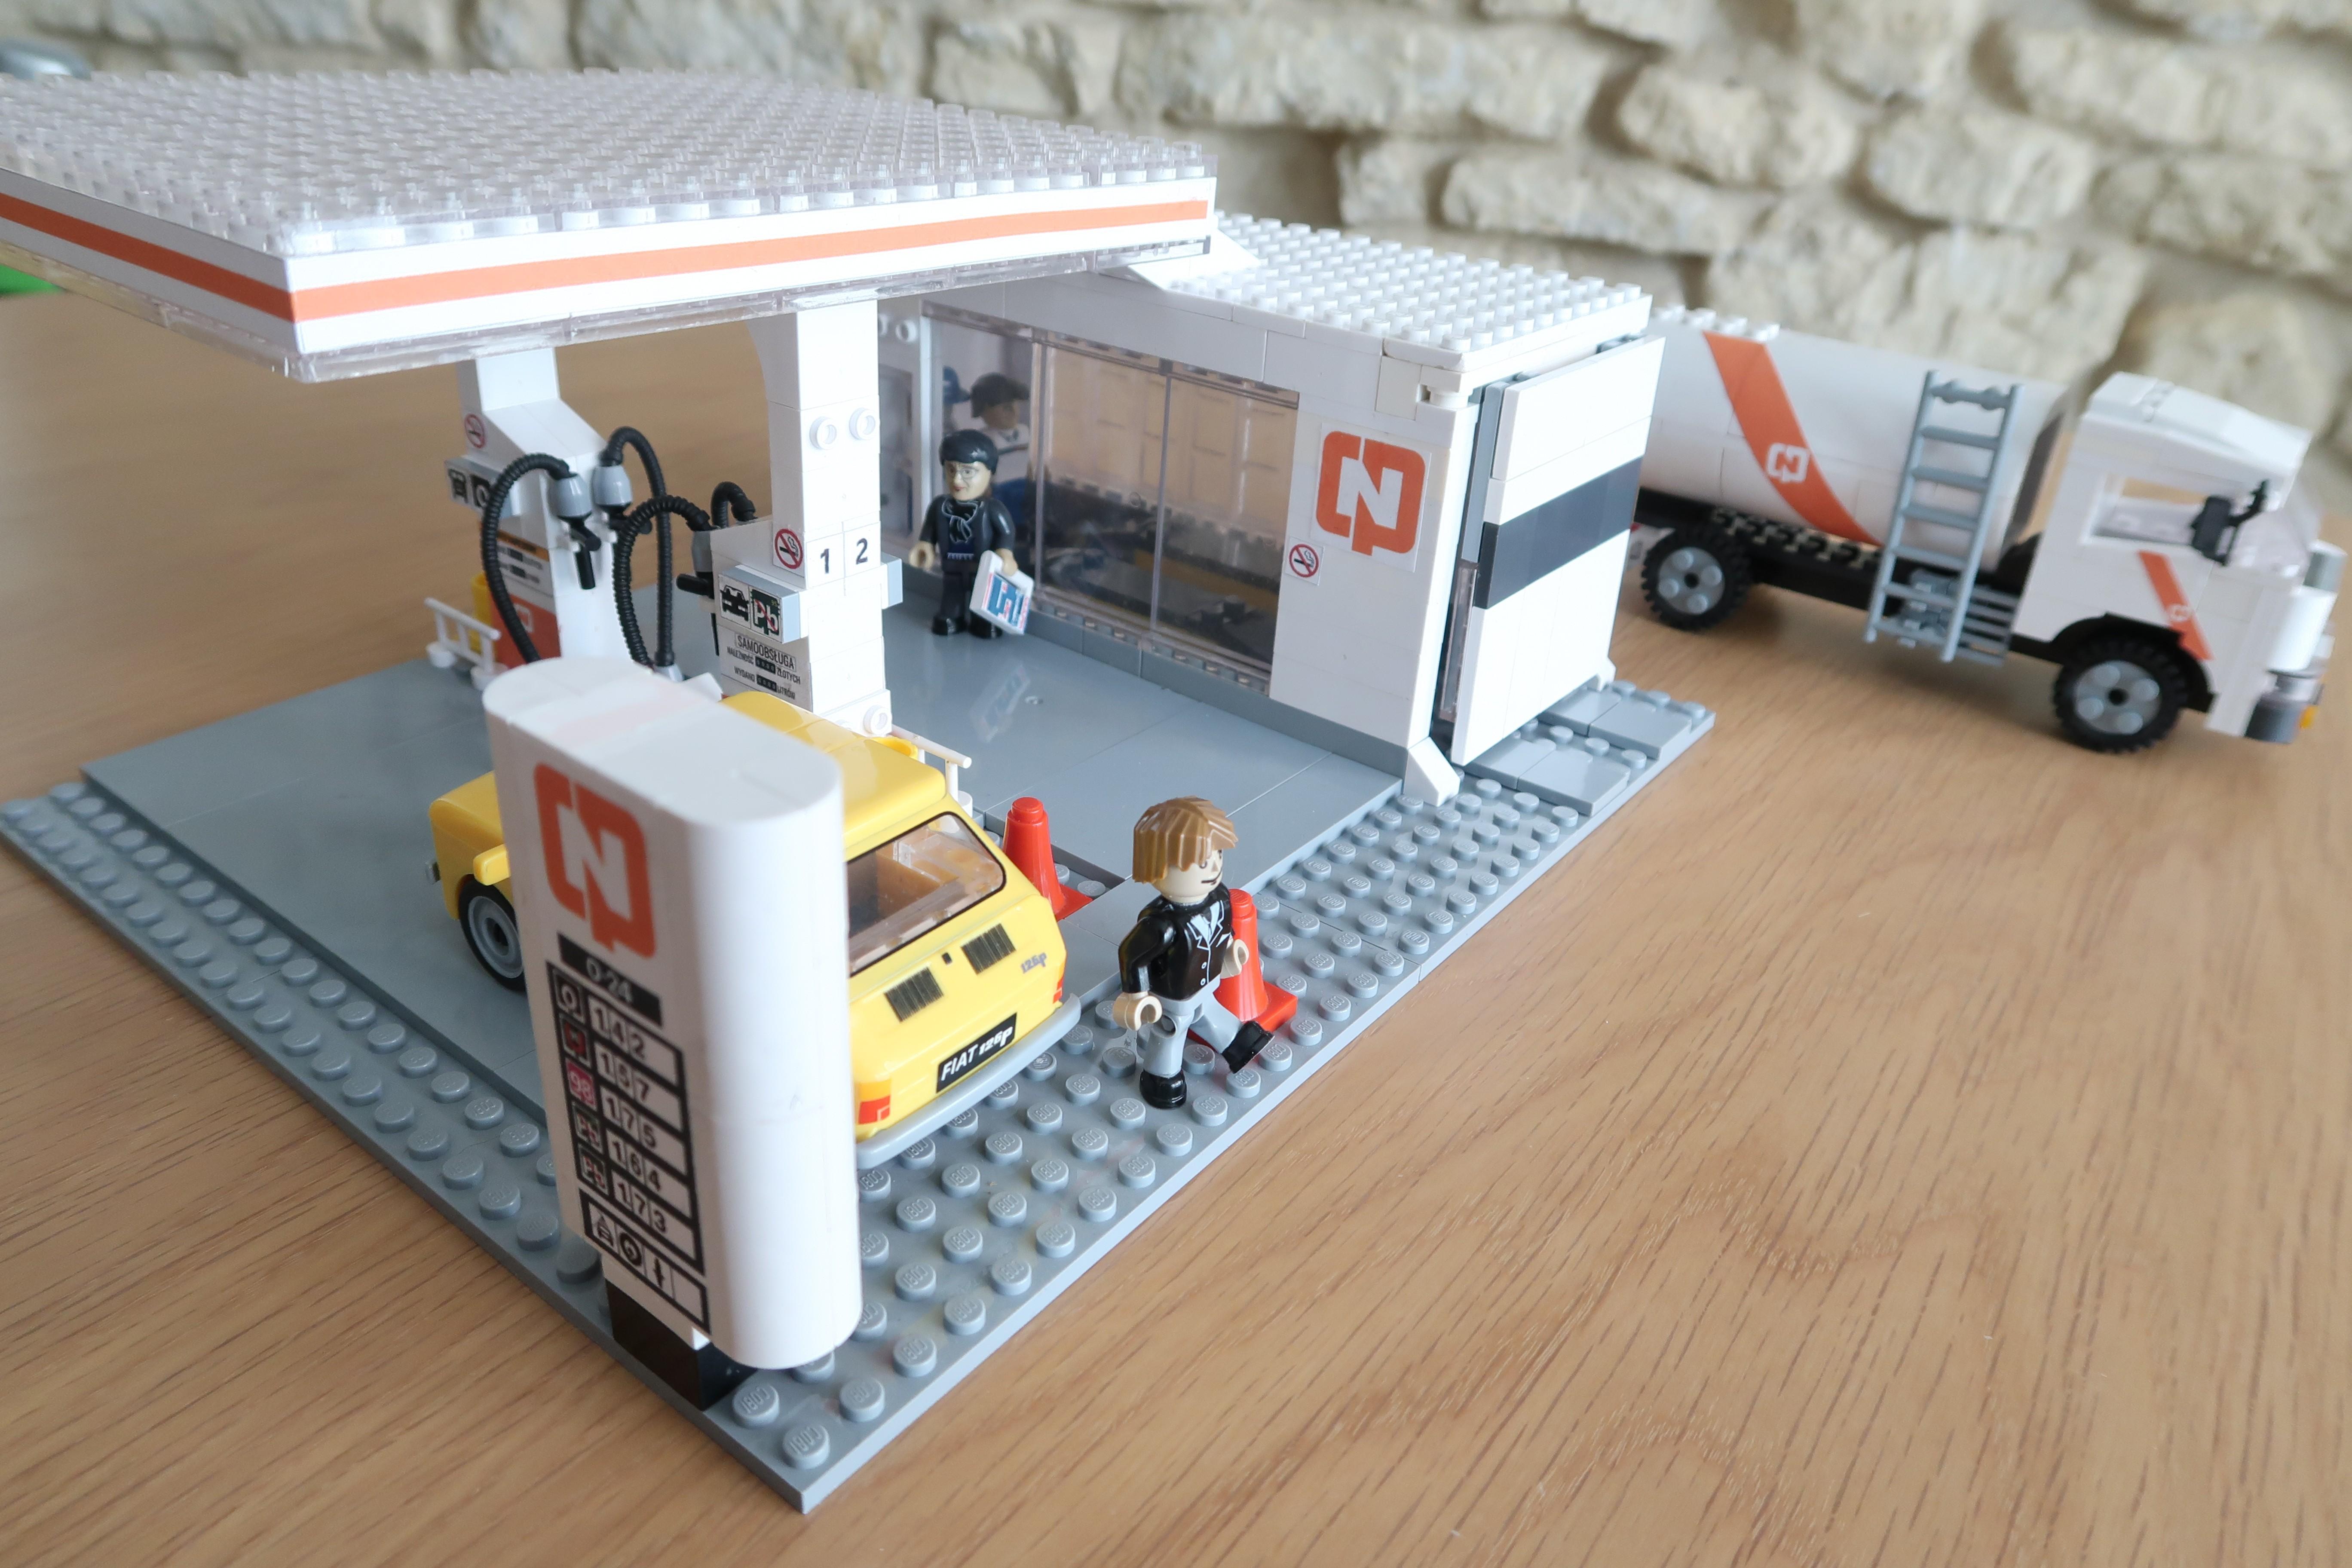 CPN Gas Station (Centrala Produktów Naftowych) photo 2